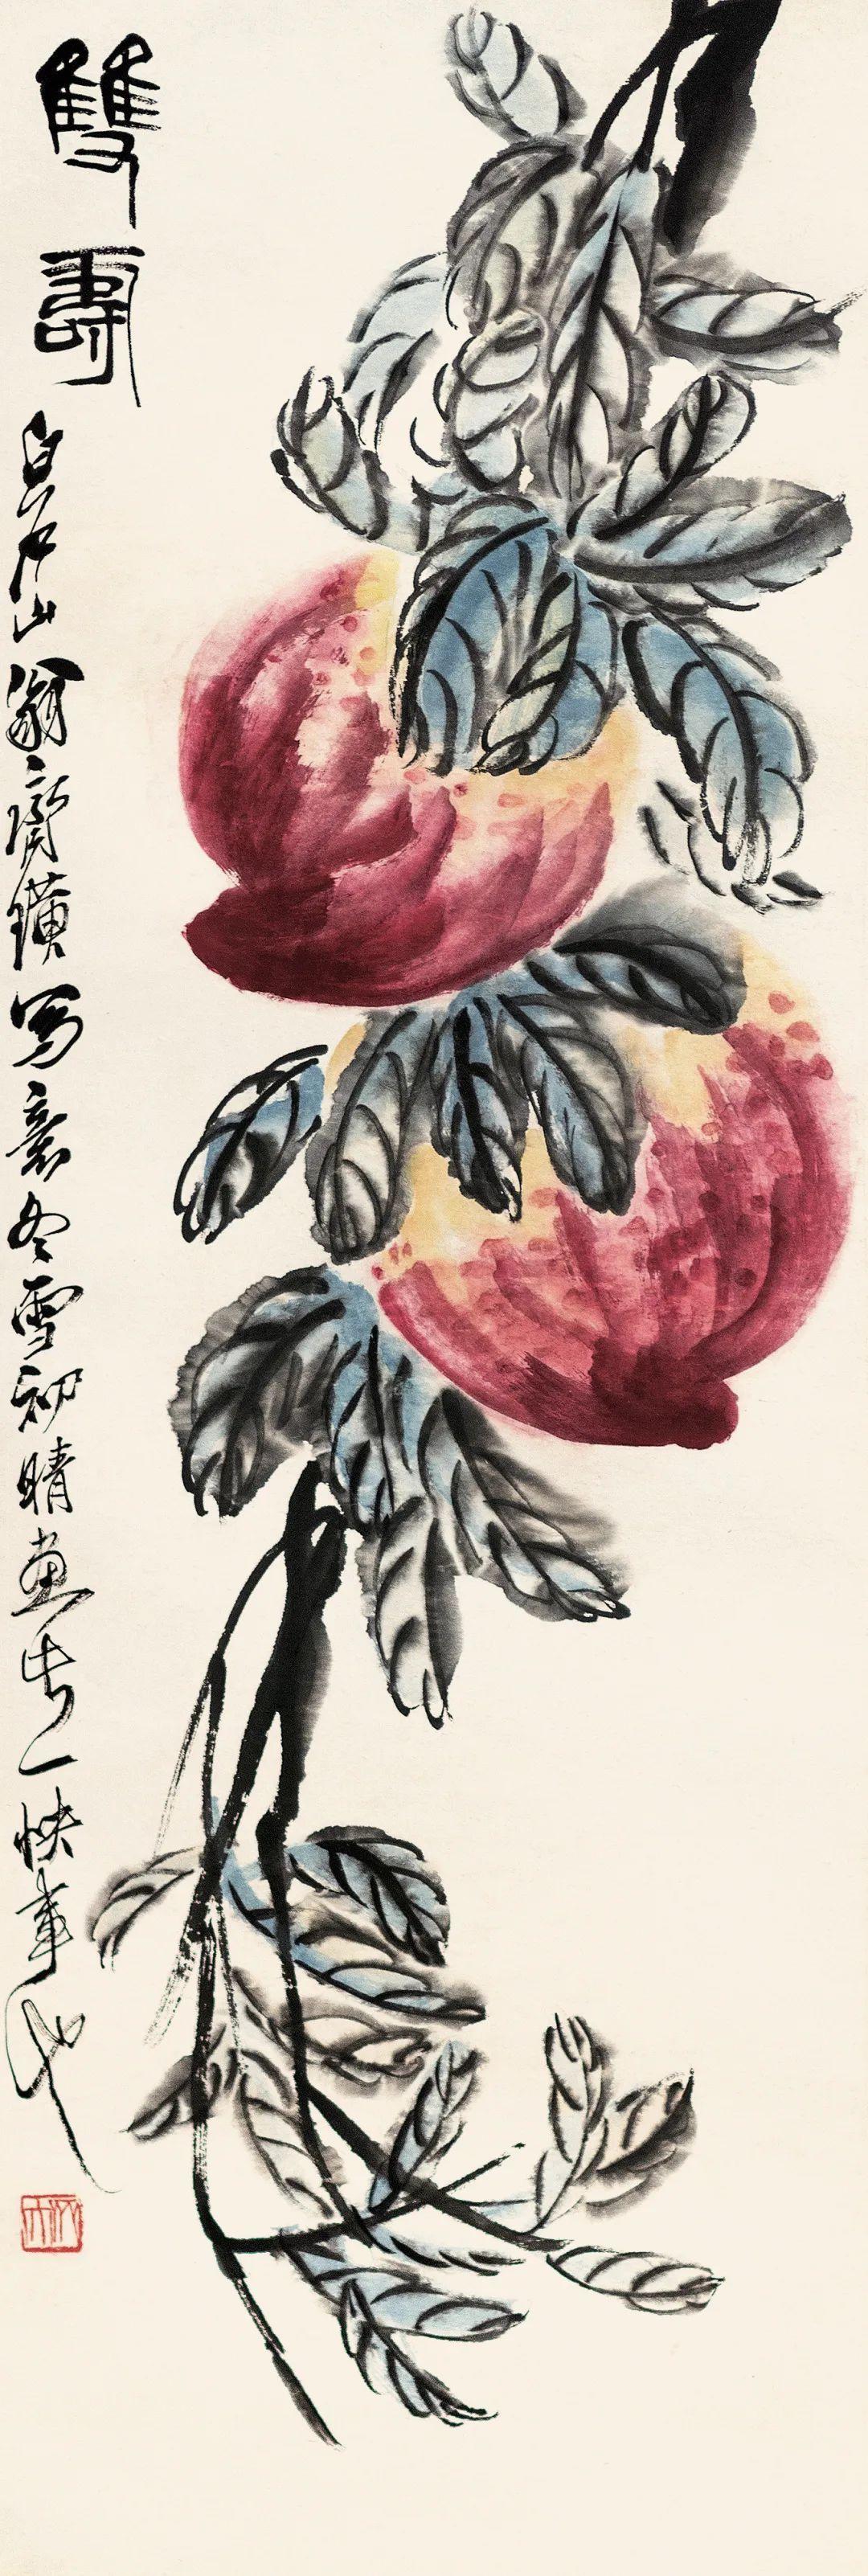 """齐白石衰年变法后开创了独步画坛的""""红花墨叶""""派"""